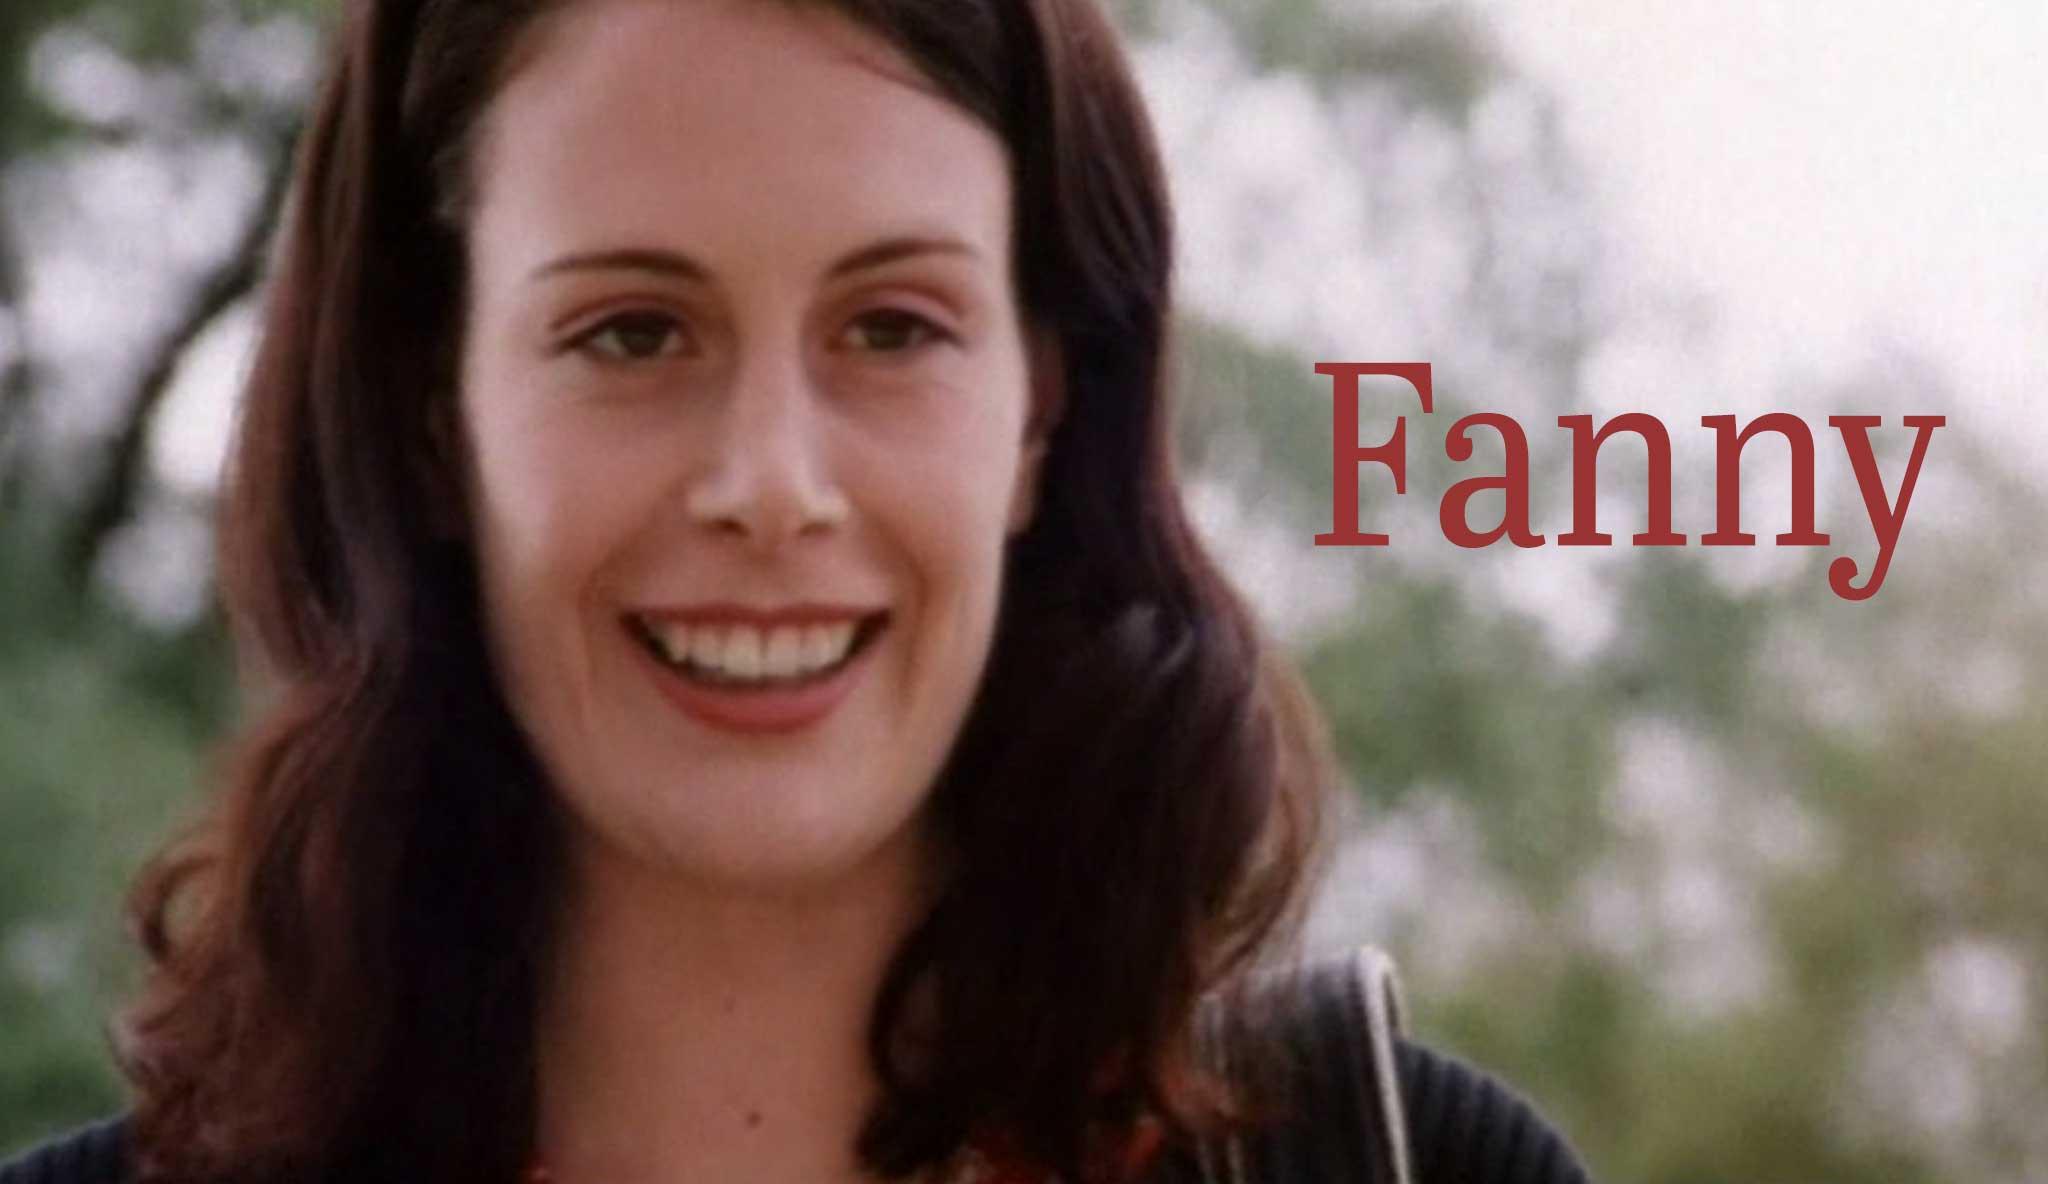 fanny\header.jpg